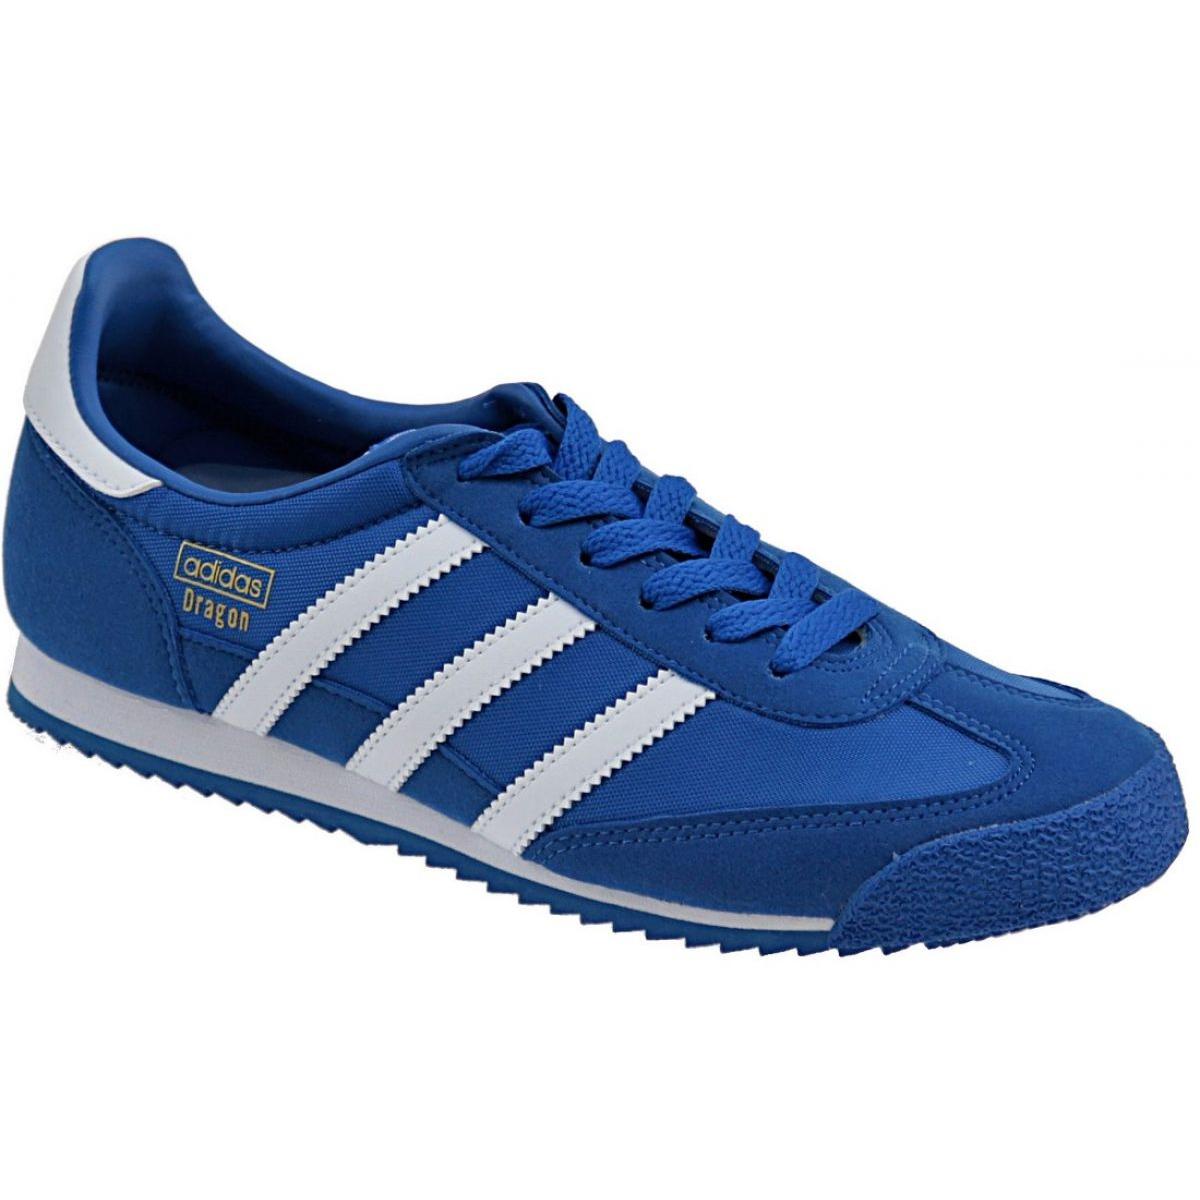 Adidas Dragon Og Jr BB2486 cipő kék